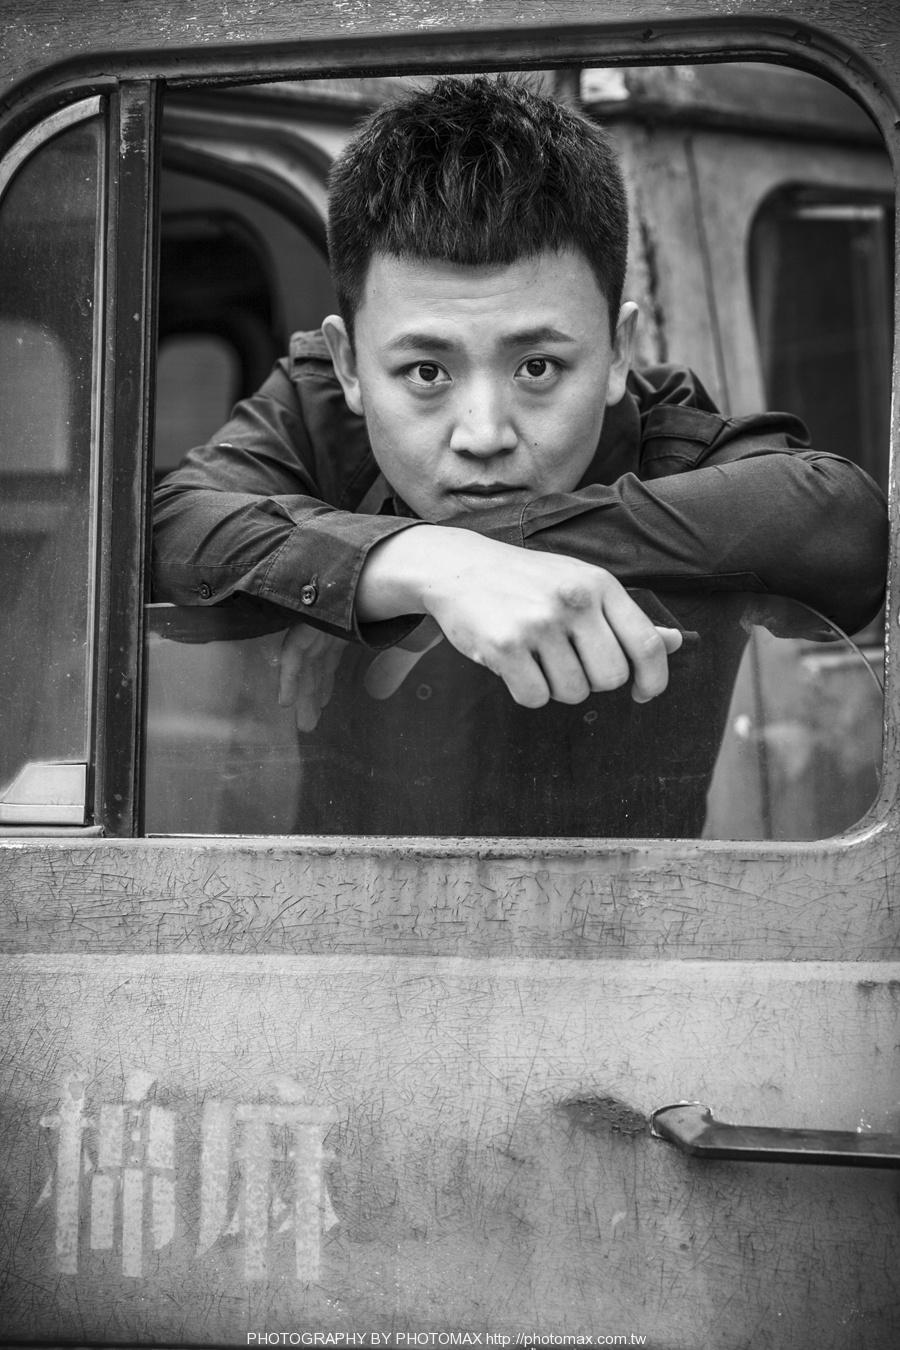 耿苖苖 PHOTOMAX 老麦摄影 北京婚纱摄影 绕着世界拍爱情 (4)